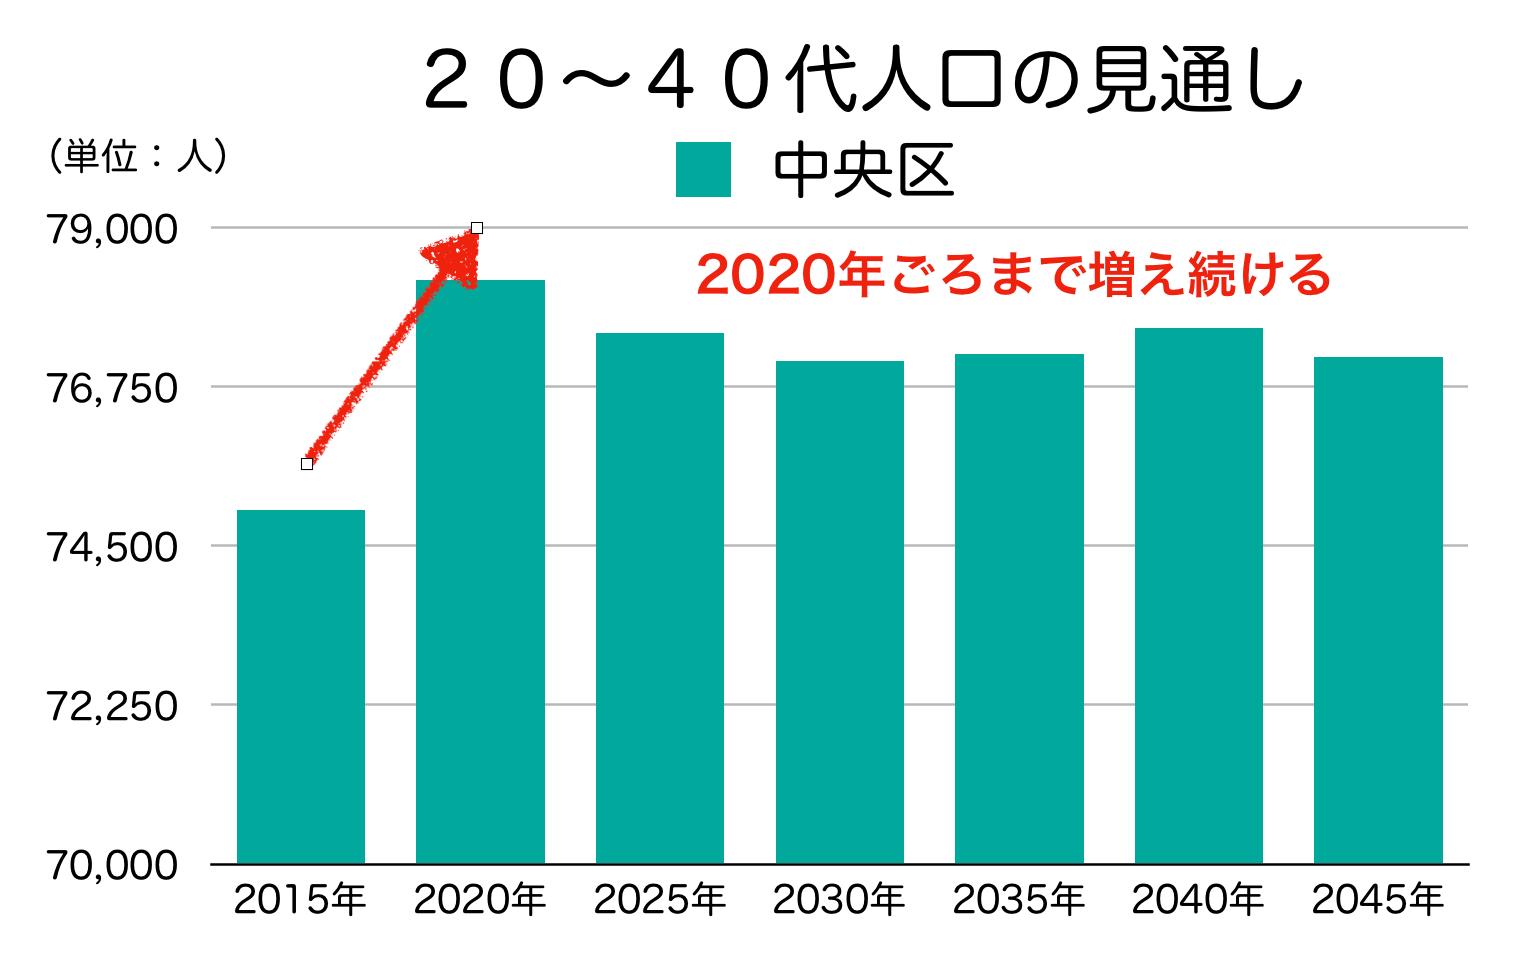 中央区の20〜40代人口の予測